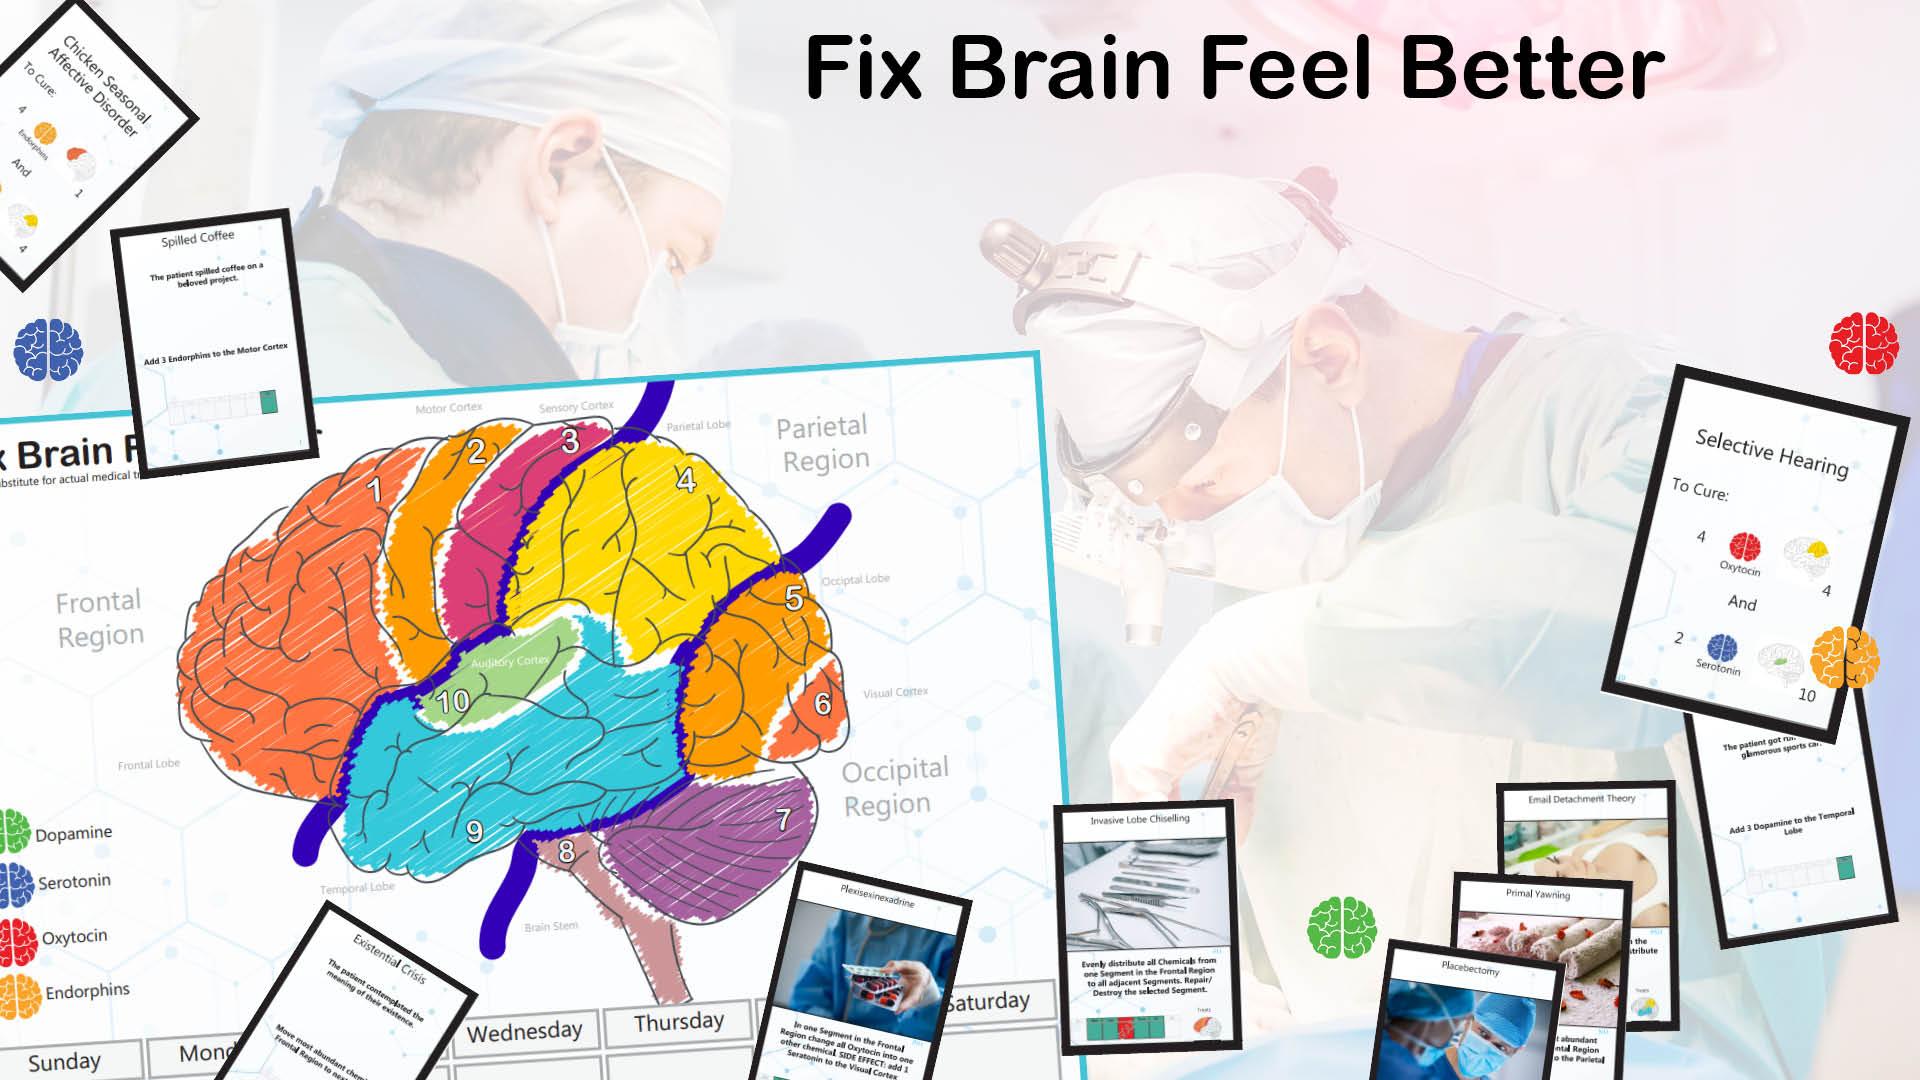 Fix Brain Feel Better